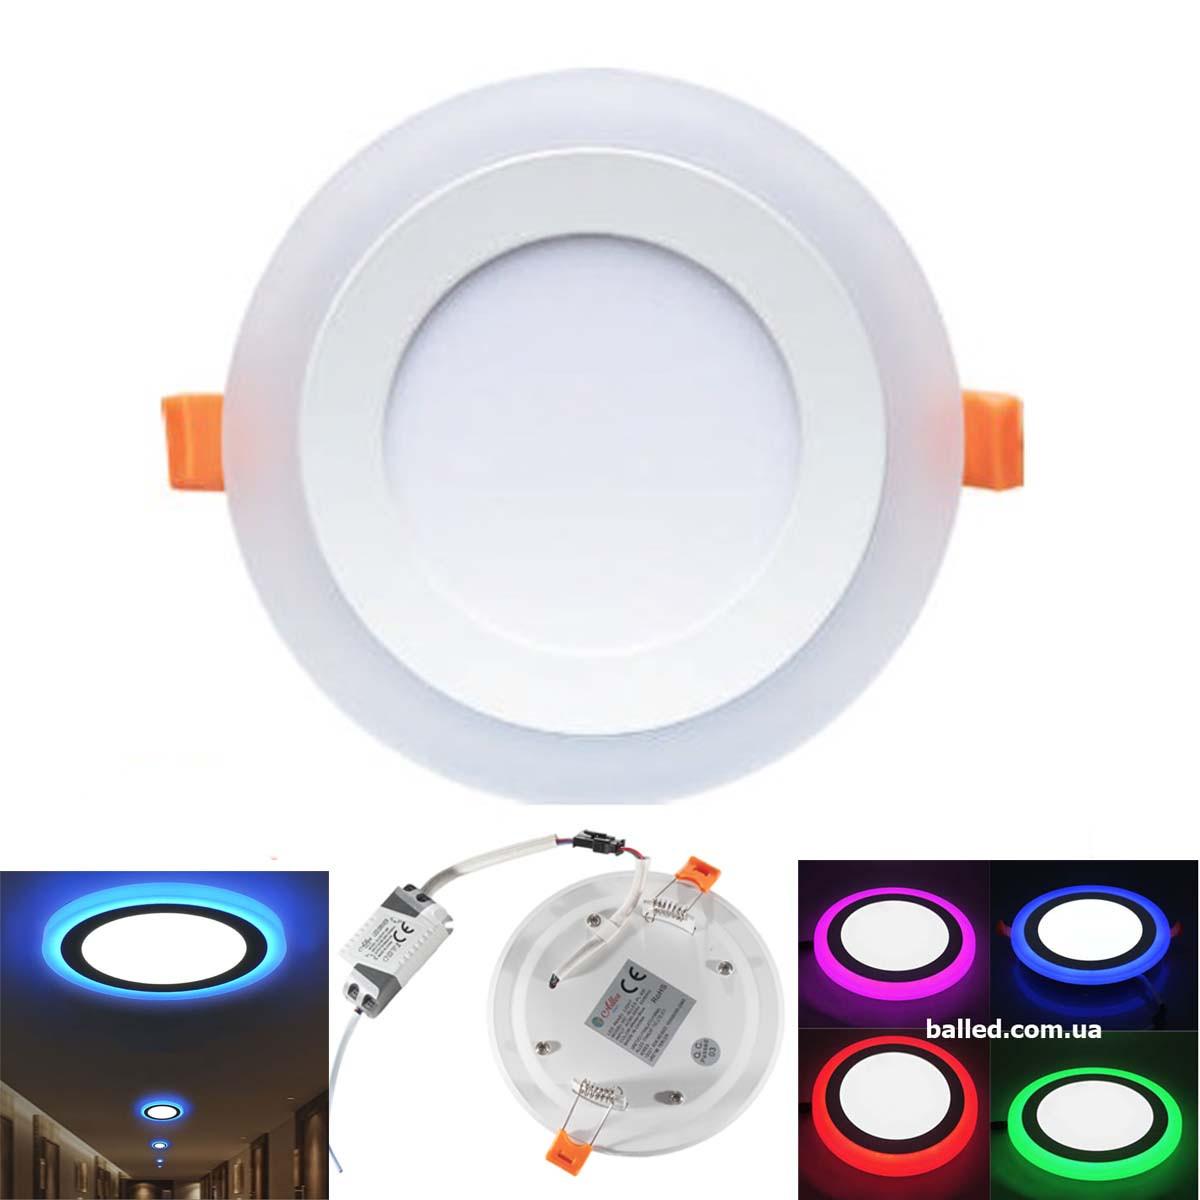 Светодиодный светильник встраиваемый с подсветкой 9 Вт холодный белый + красный 6500 К 810 Lm